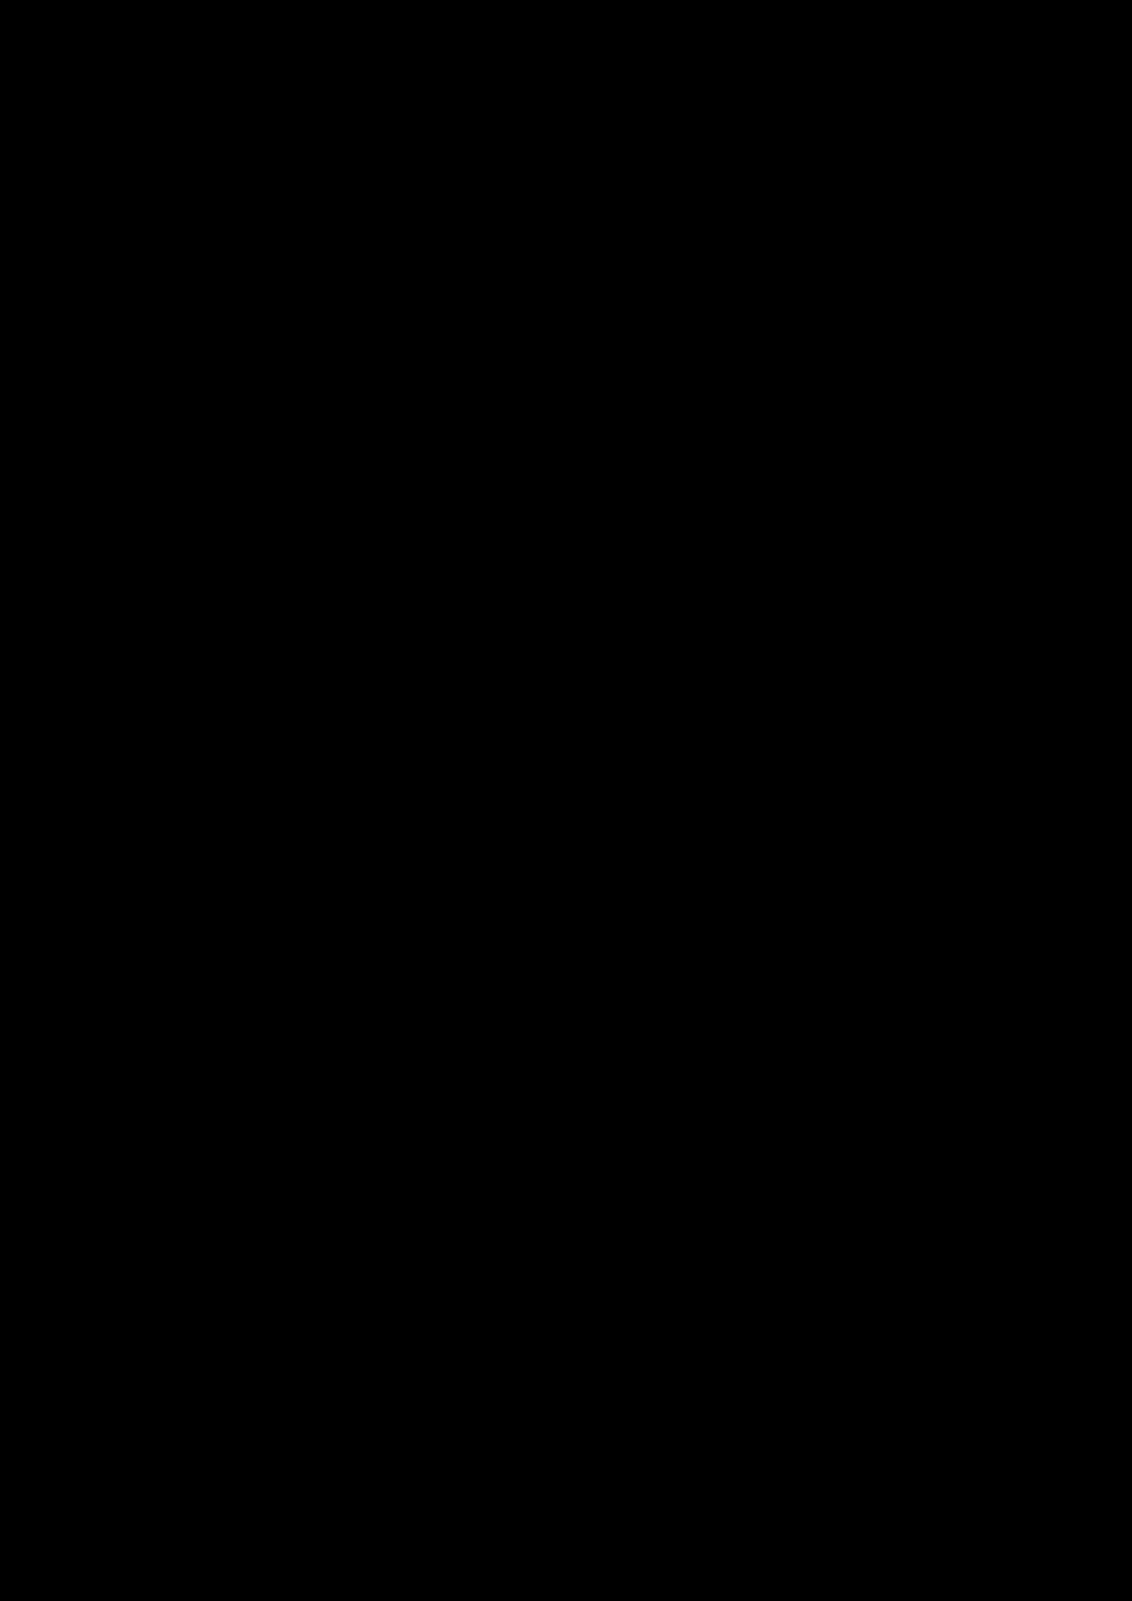 Zagadka volshebnoy stranyi slide, Image 171